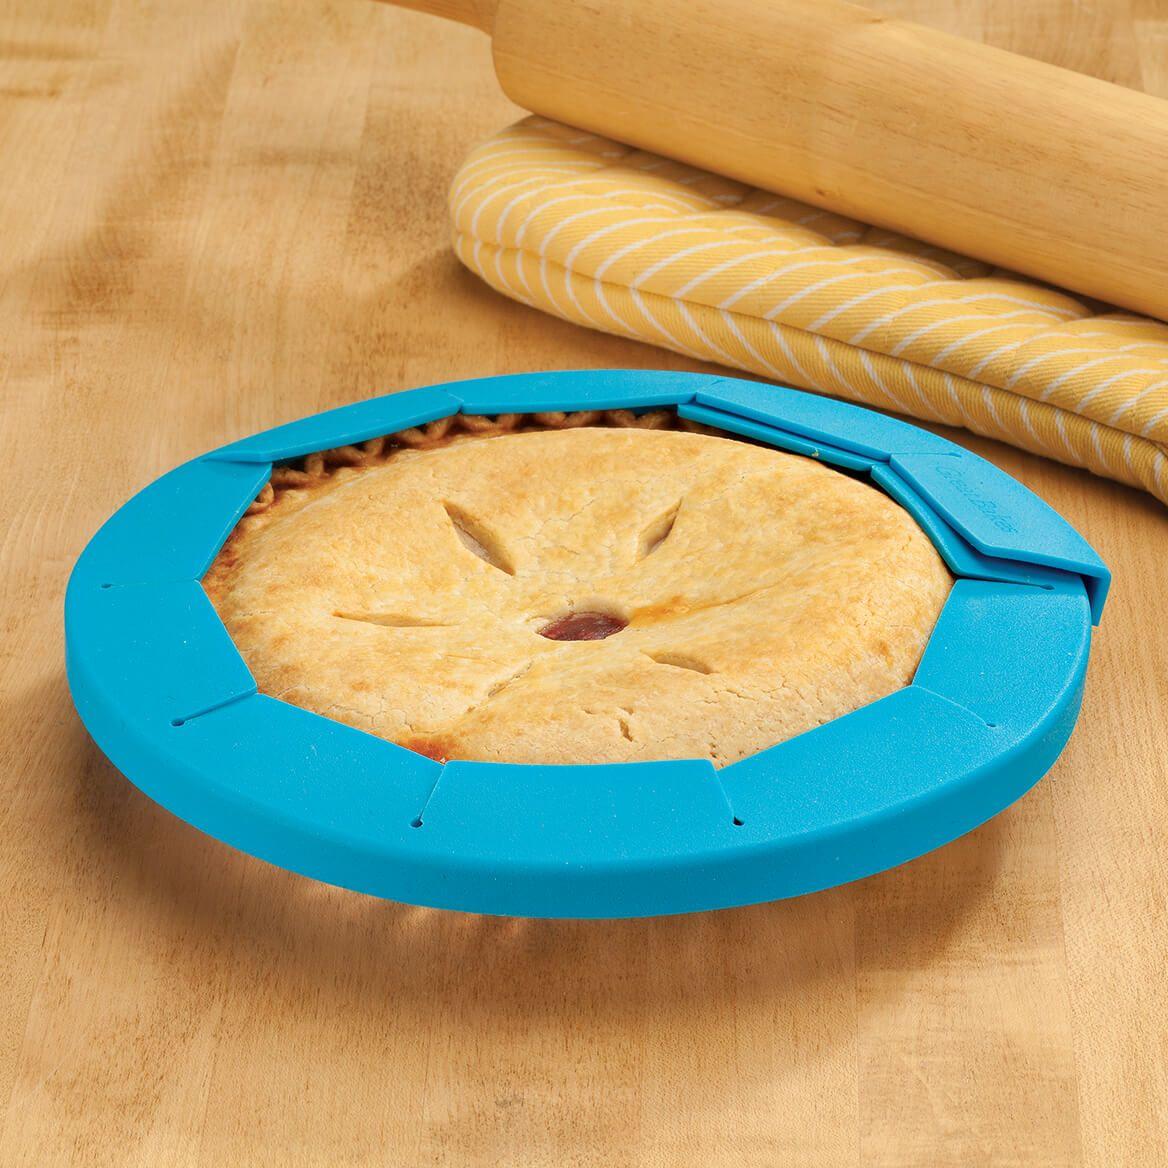 Home Style Kitchen Pie Crust Shield-363175